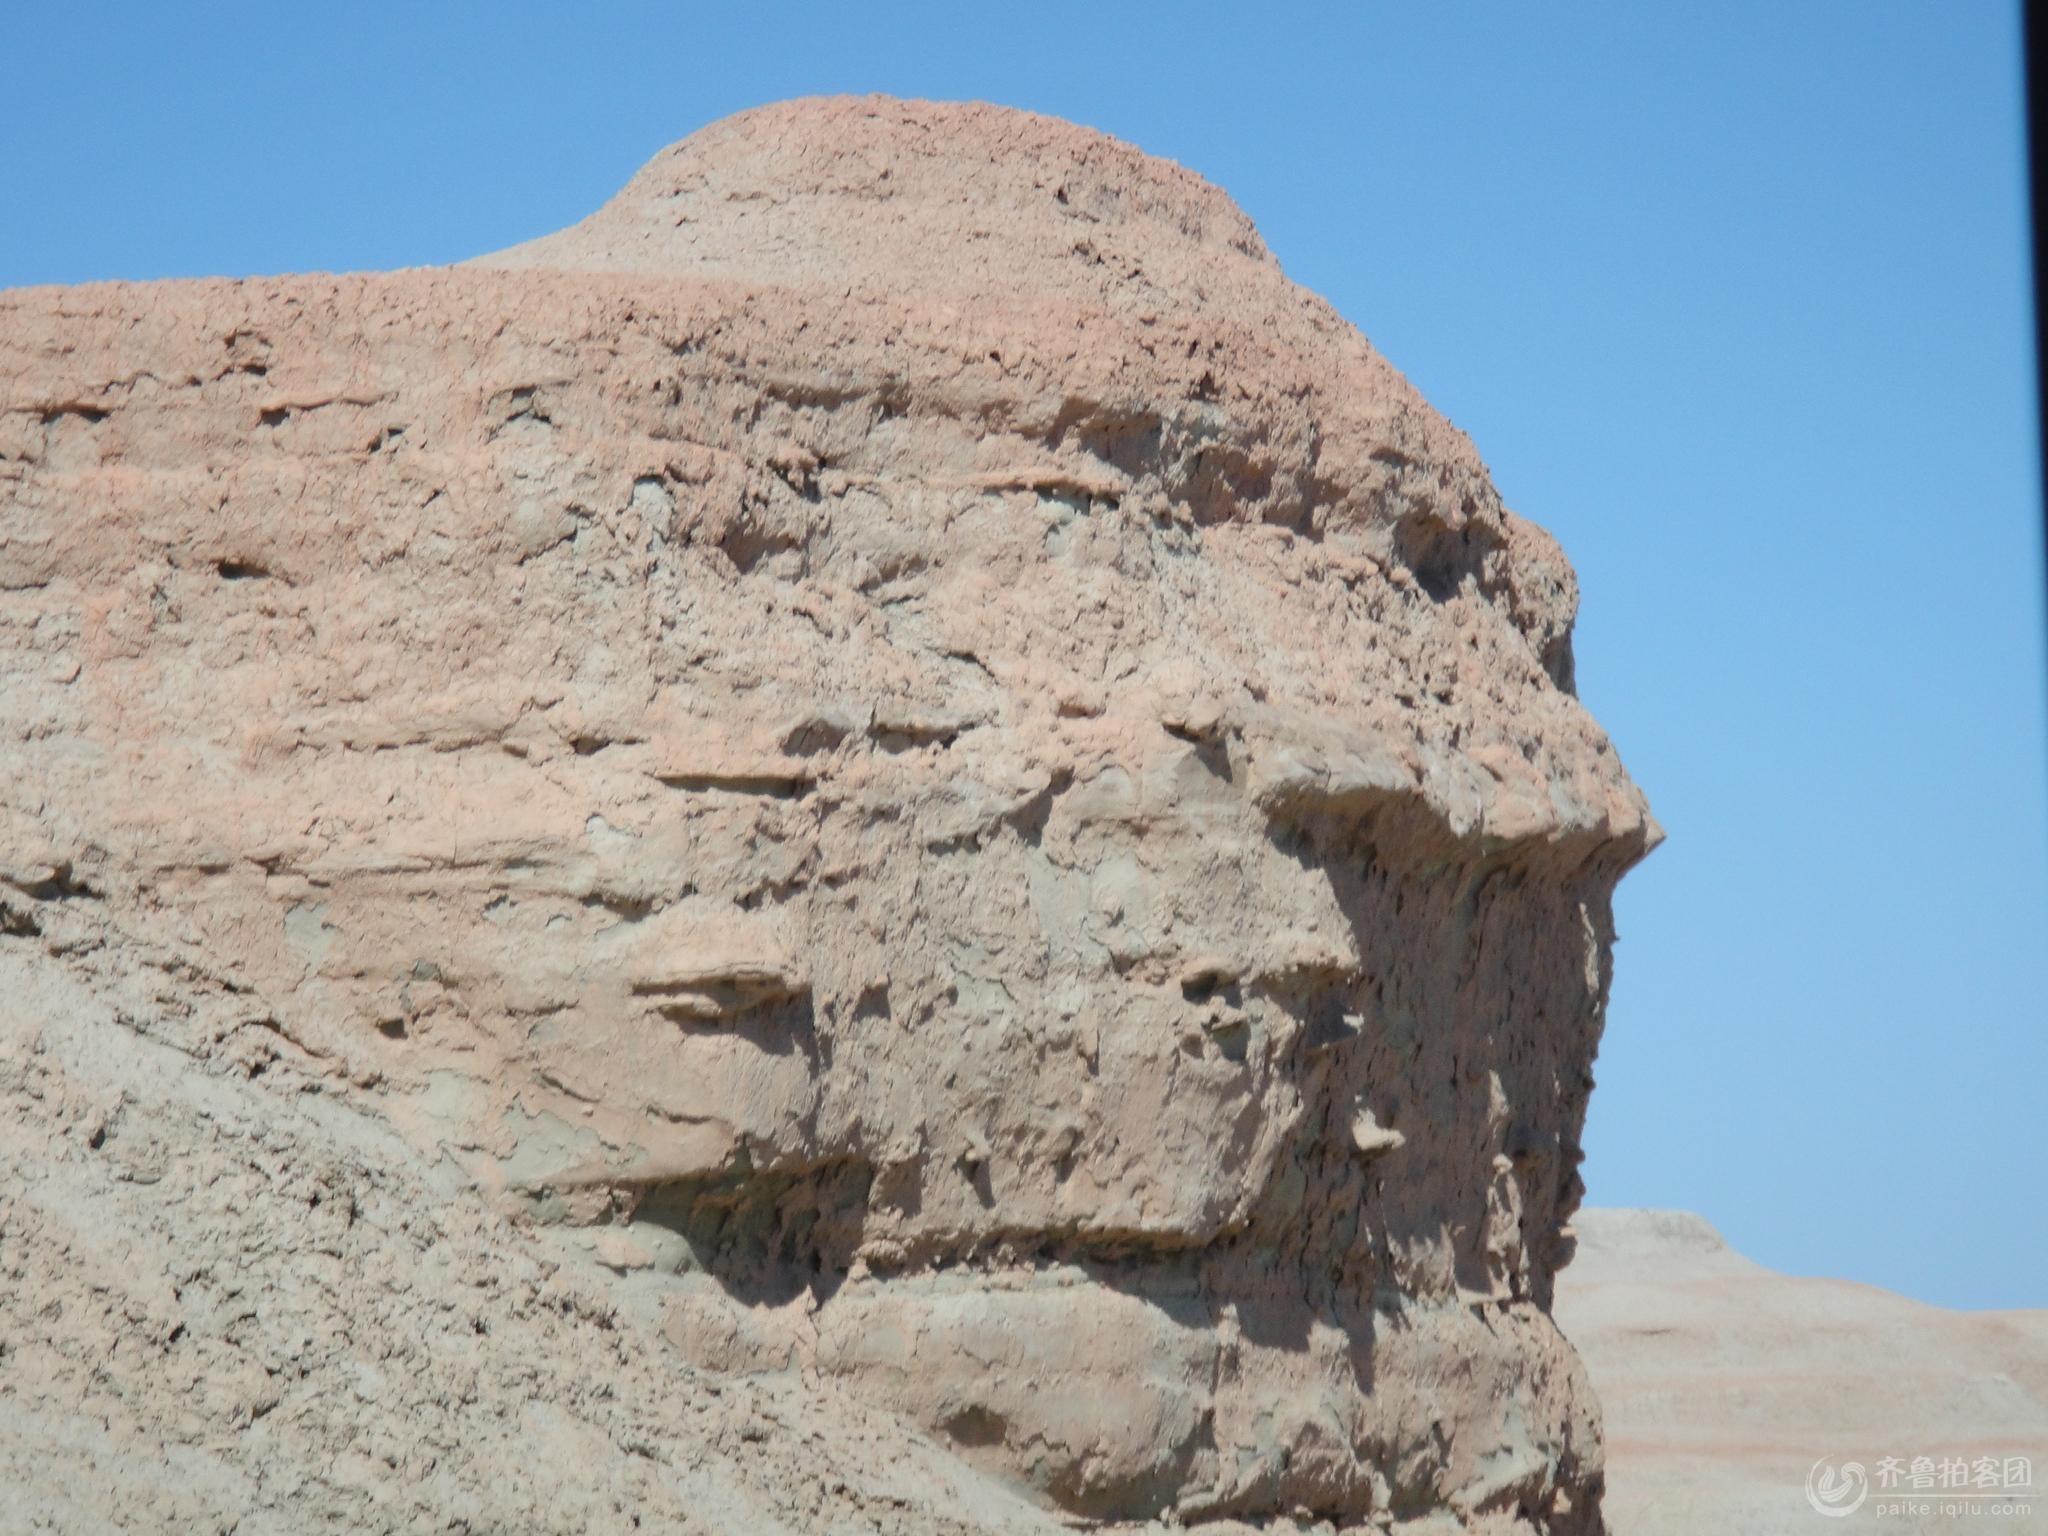 新疆塔里木盆地罗布泊附近的雅丹地区最为典型而得名